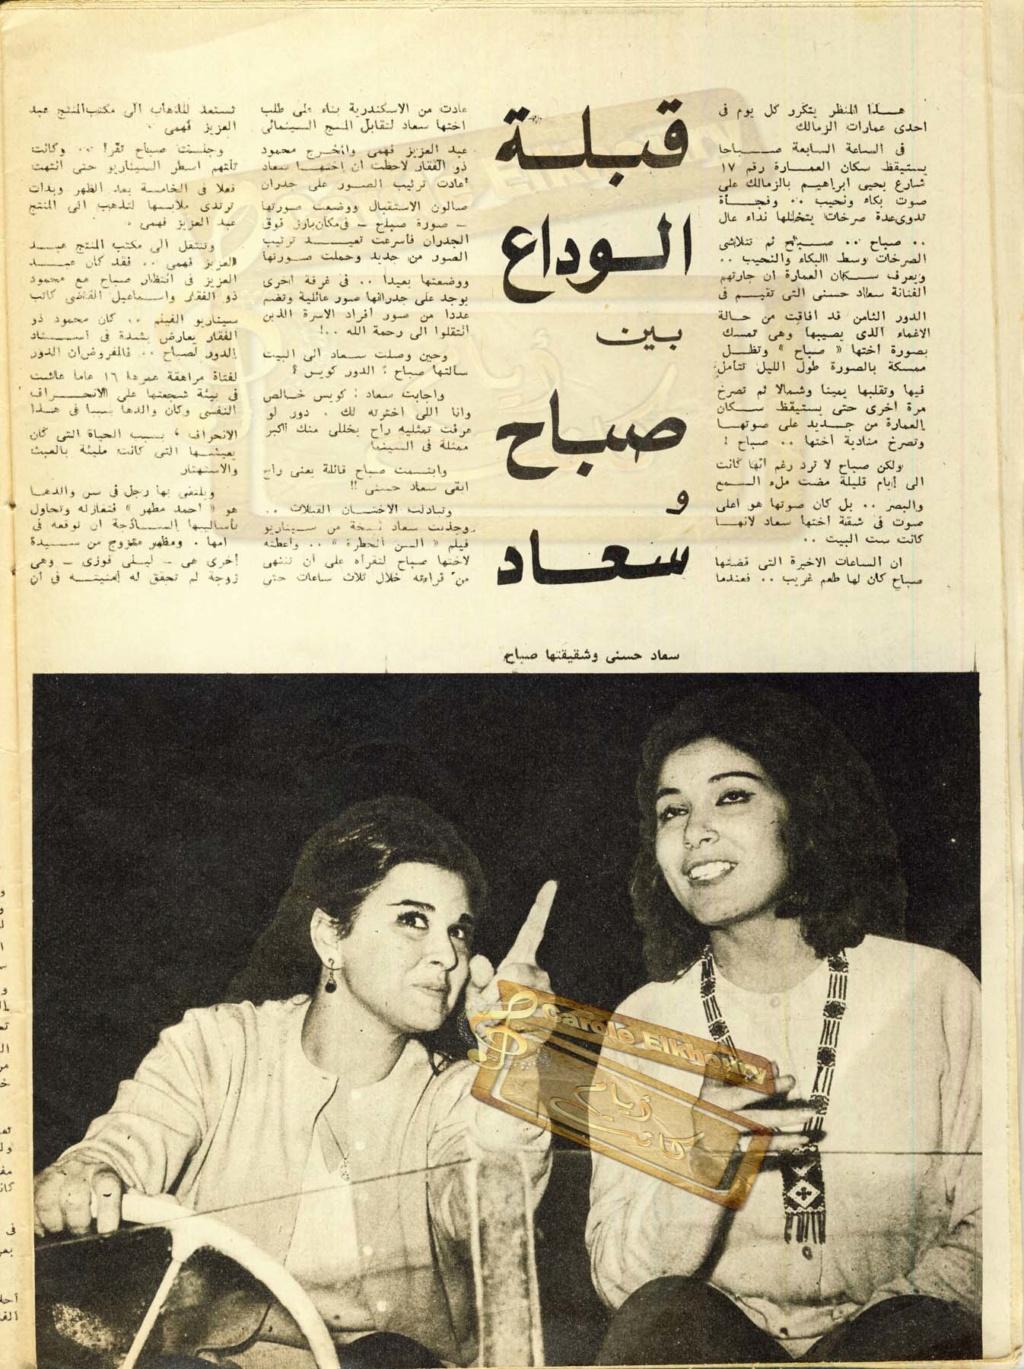 مقال - مقال صحفي : قبلة الوداع .. بين صباح وسعاد 1965 م 153